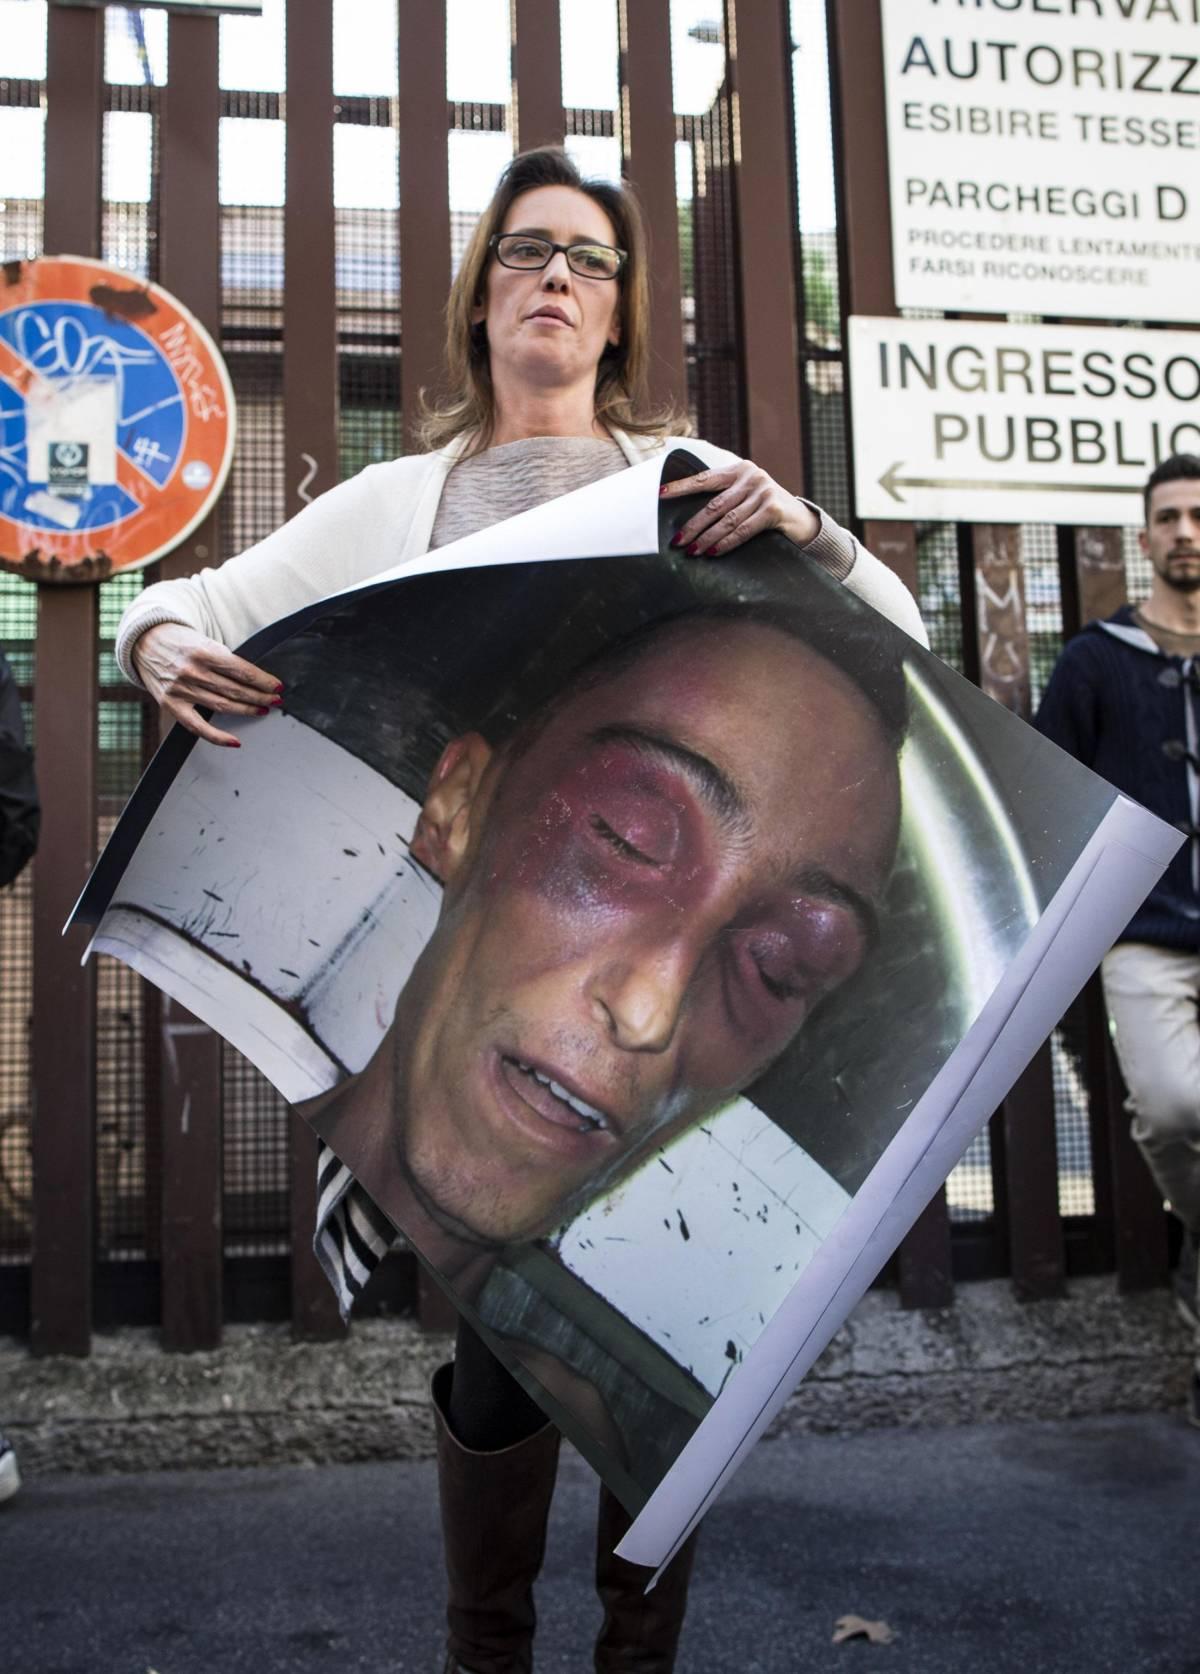 La sorella di Stefano Cucchi con la foto del fratello morto